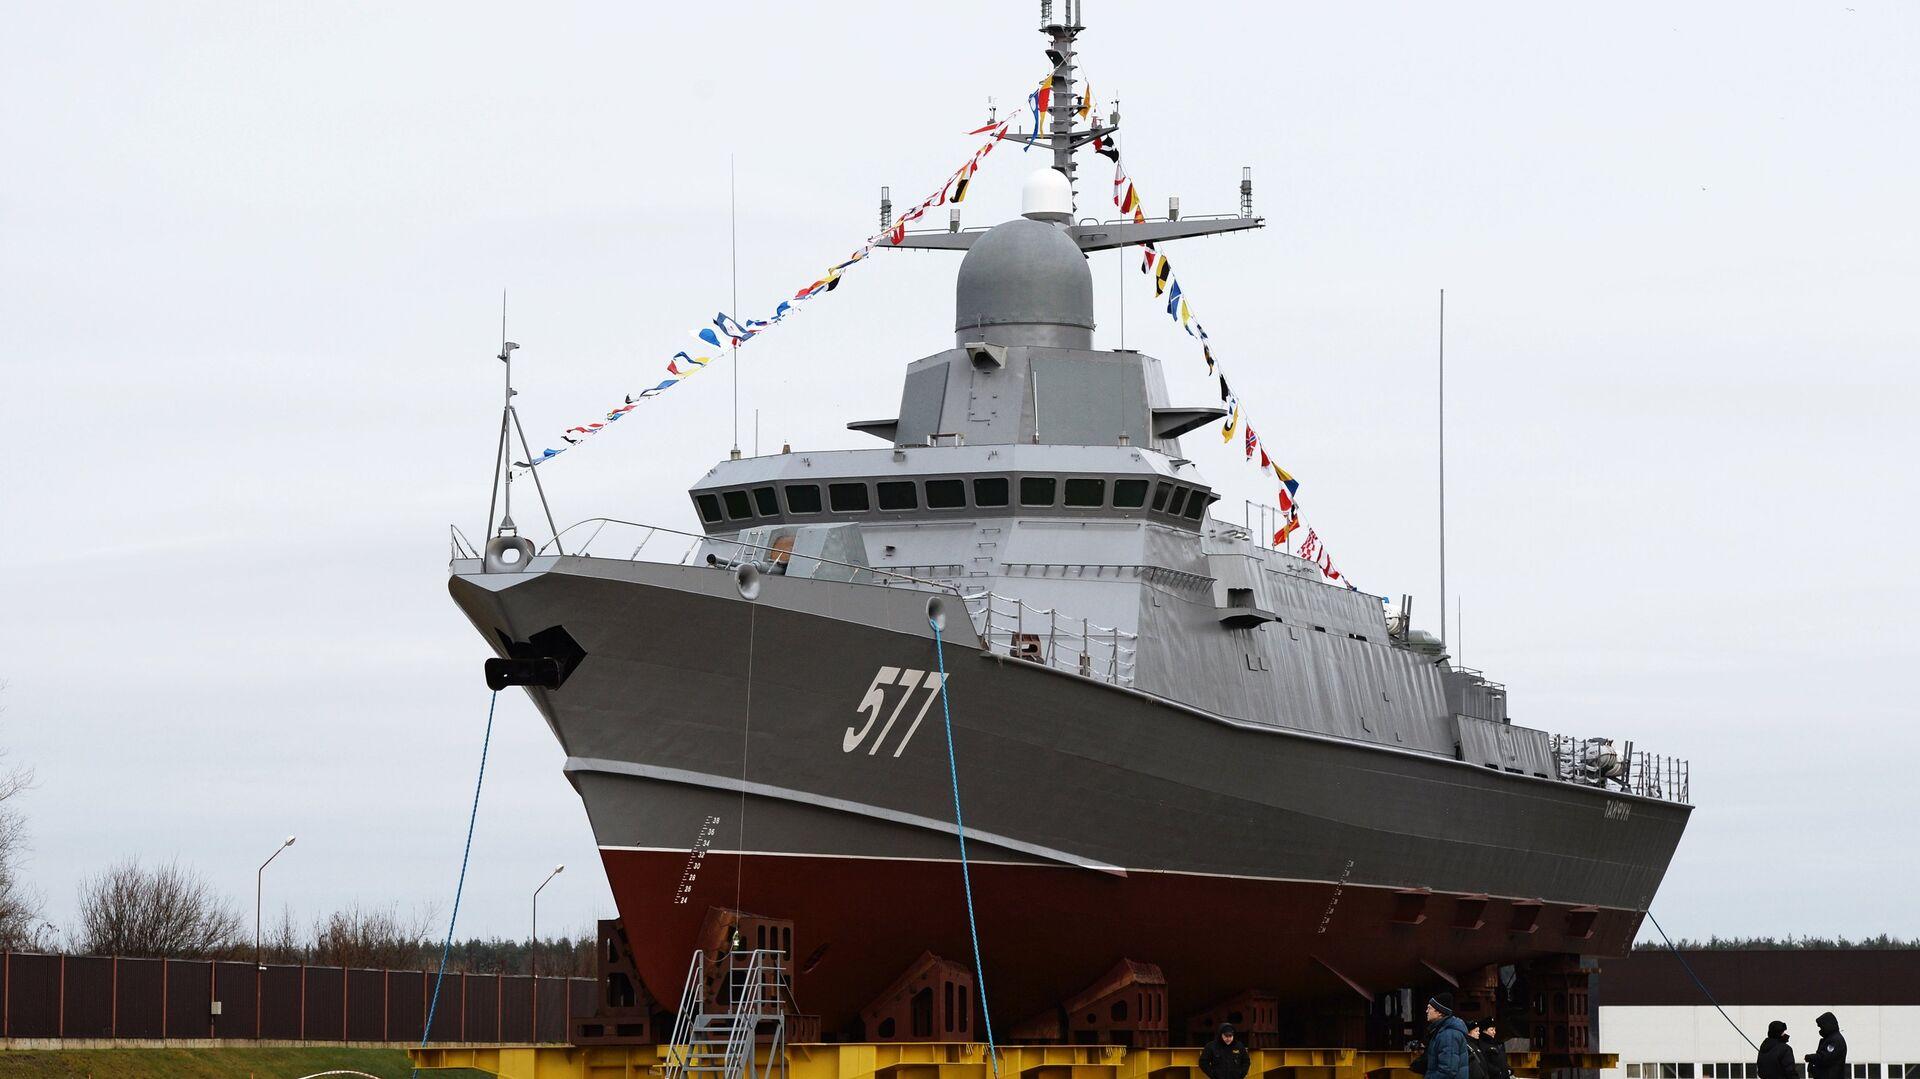 Малый ракетный корабль Тайфун проекта 22800 перед началом спуска на воду на Ленинградском судостроительном заводе Пелла. 24 ноября 2017 - РИА Новости, 1920, 23.02.2021